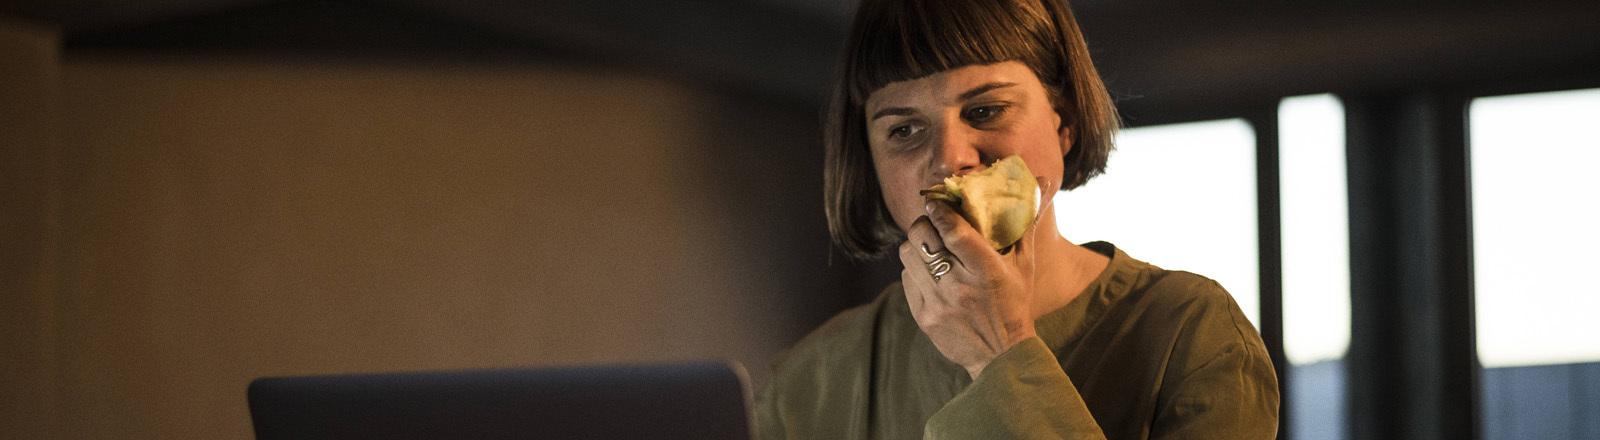 Eine Frau sitzt am Laptop und isst einen Apfel